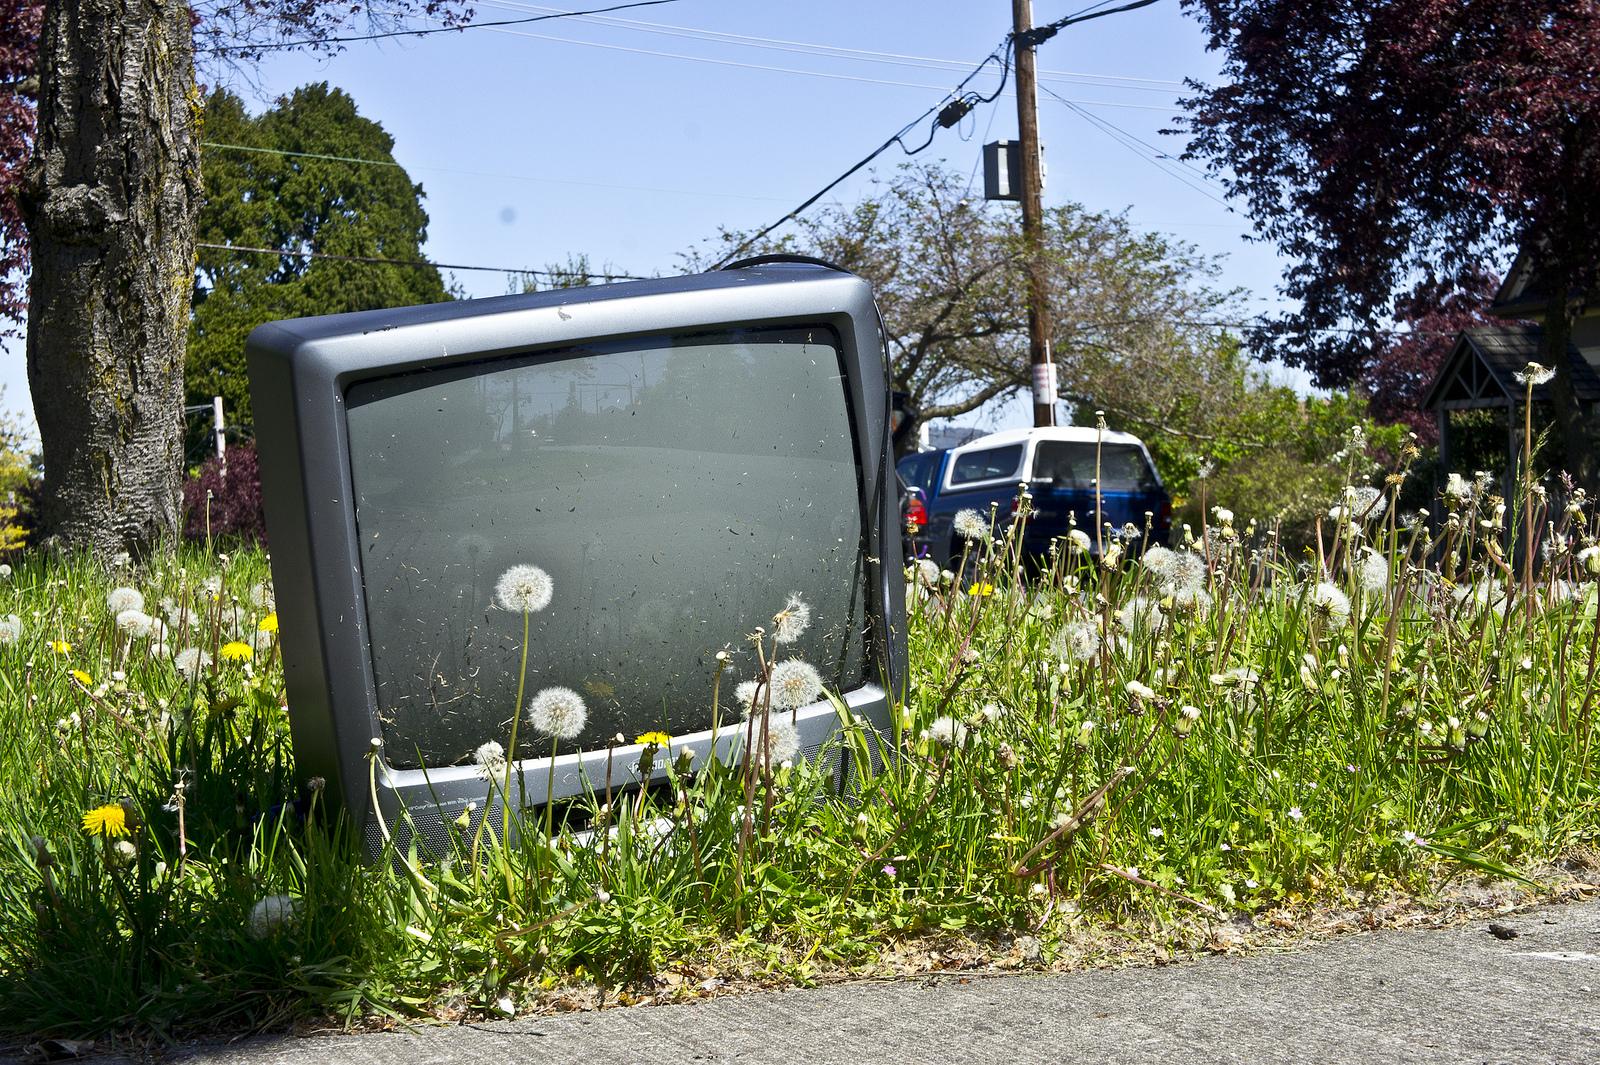 Tévéket adományozott volna kórházaknak, de nekik csak garanciával kell